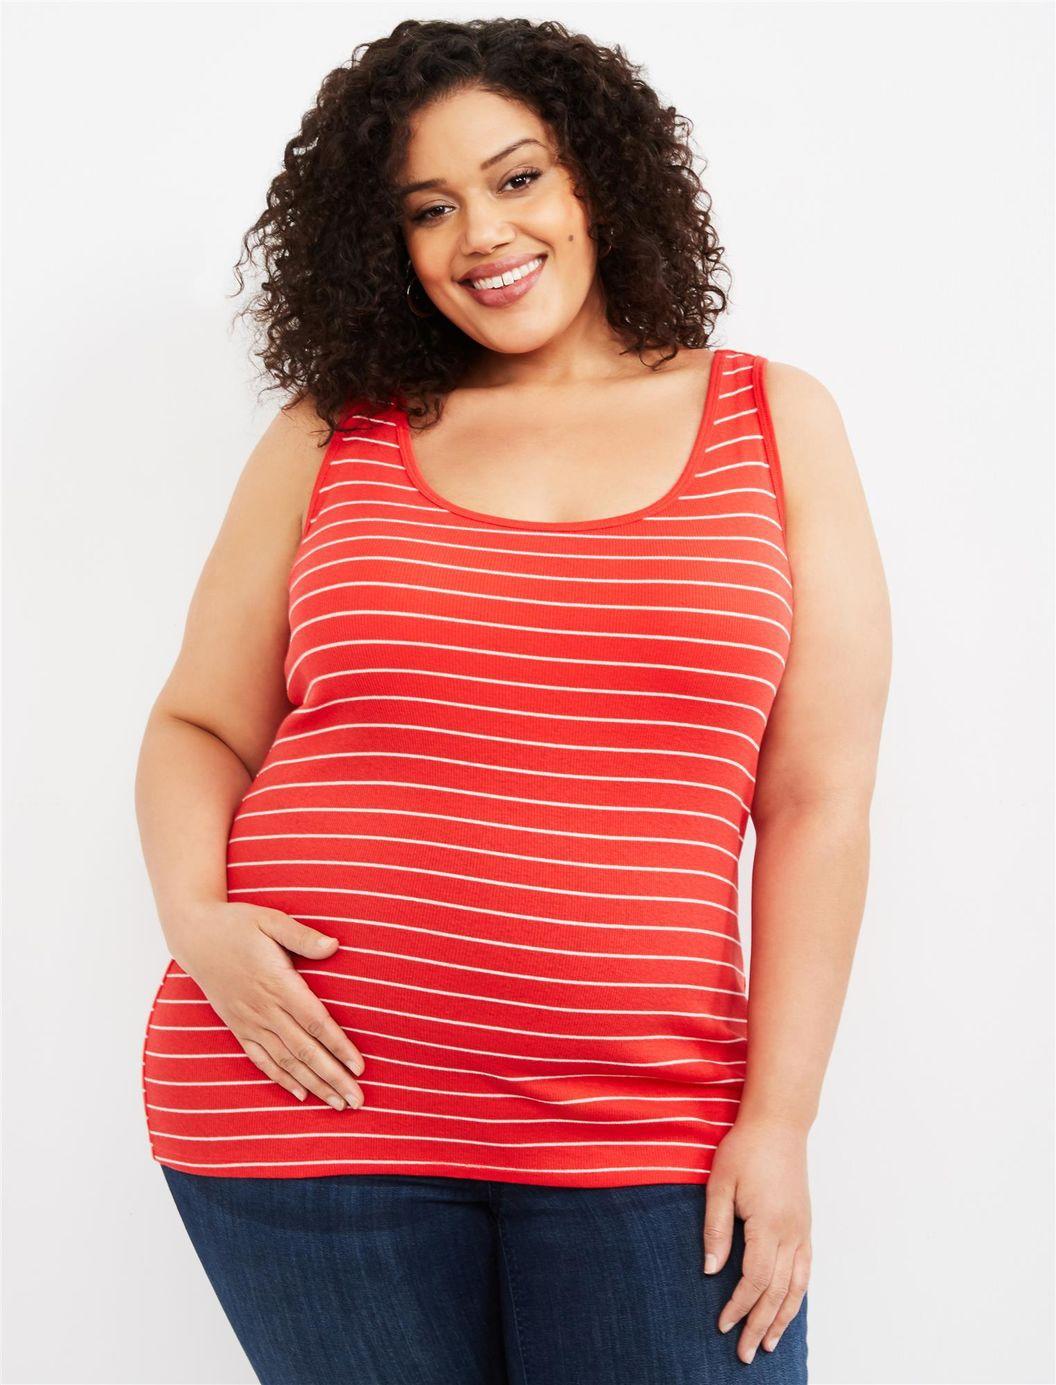 Лидер продаж на eBay с экспресс-доставкой через границу 2019 летняя футболка в полоску с круглым вырезом Одежда для беременных женщин